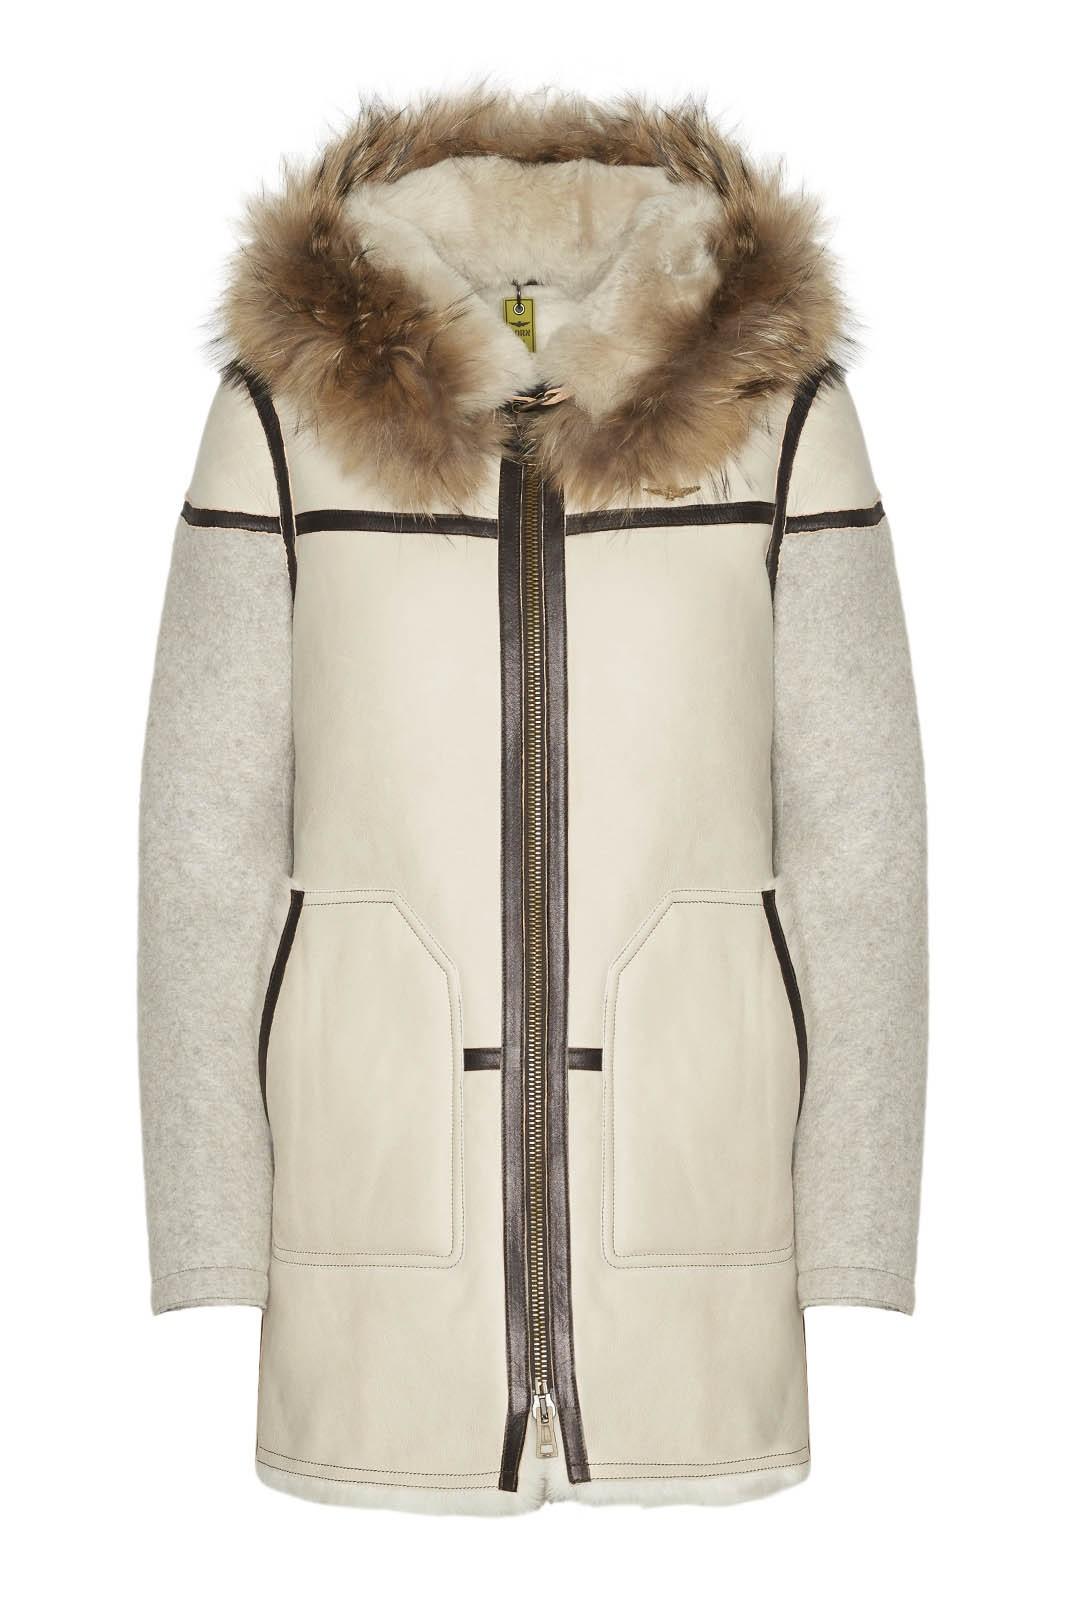 Sheepskin jacket in Nappa leather